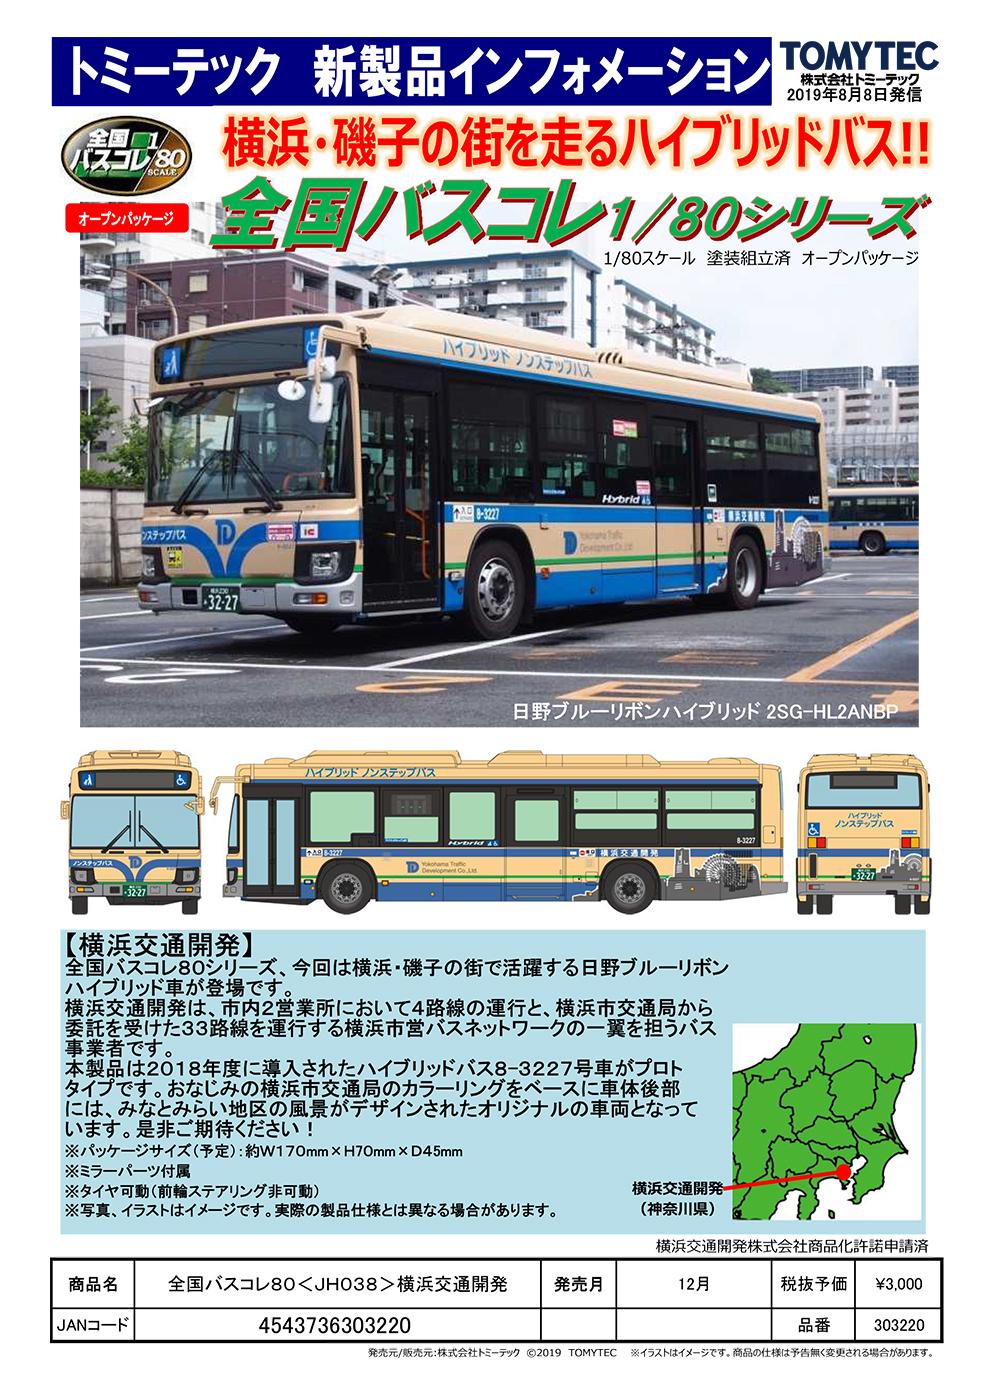 全国バスコレ80『〈JH038〉横浜交通開発』ミニカー-002